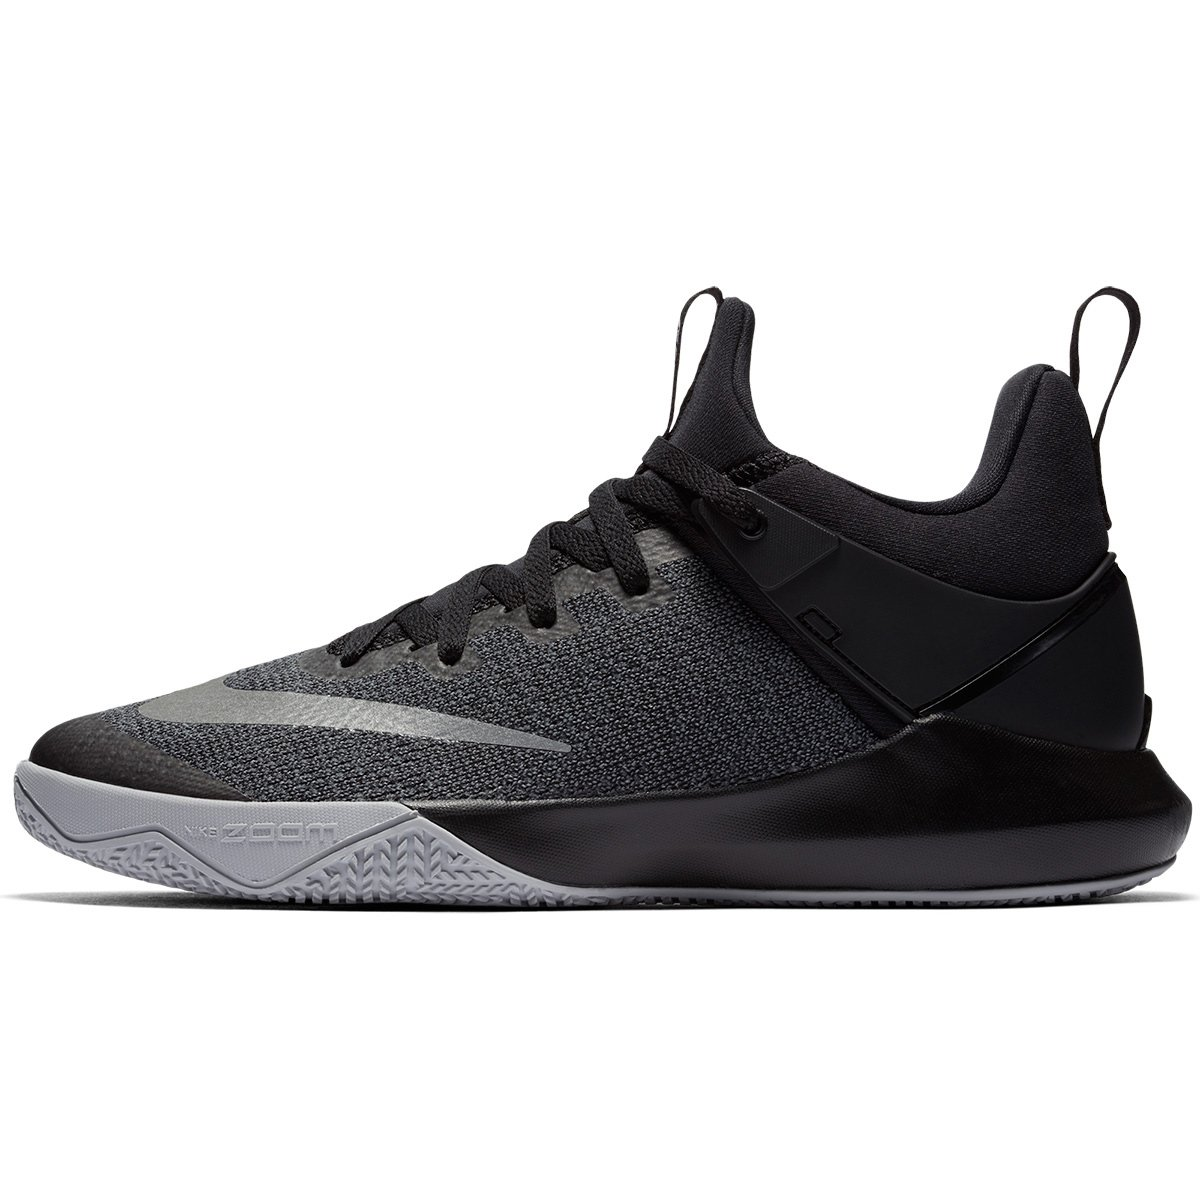 79abb20dd625 Tênis Nike Zoom Shift Masculino - Preto e Cinza - Compre Agora ...